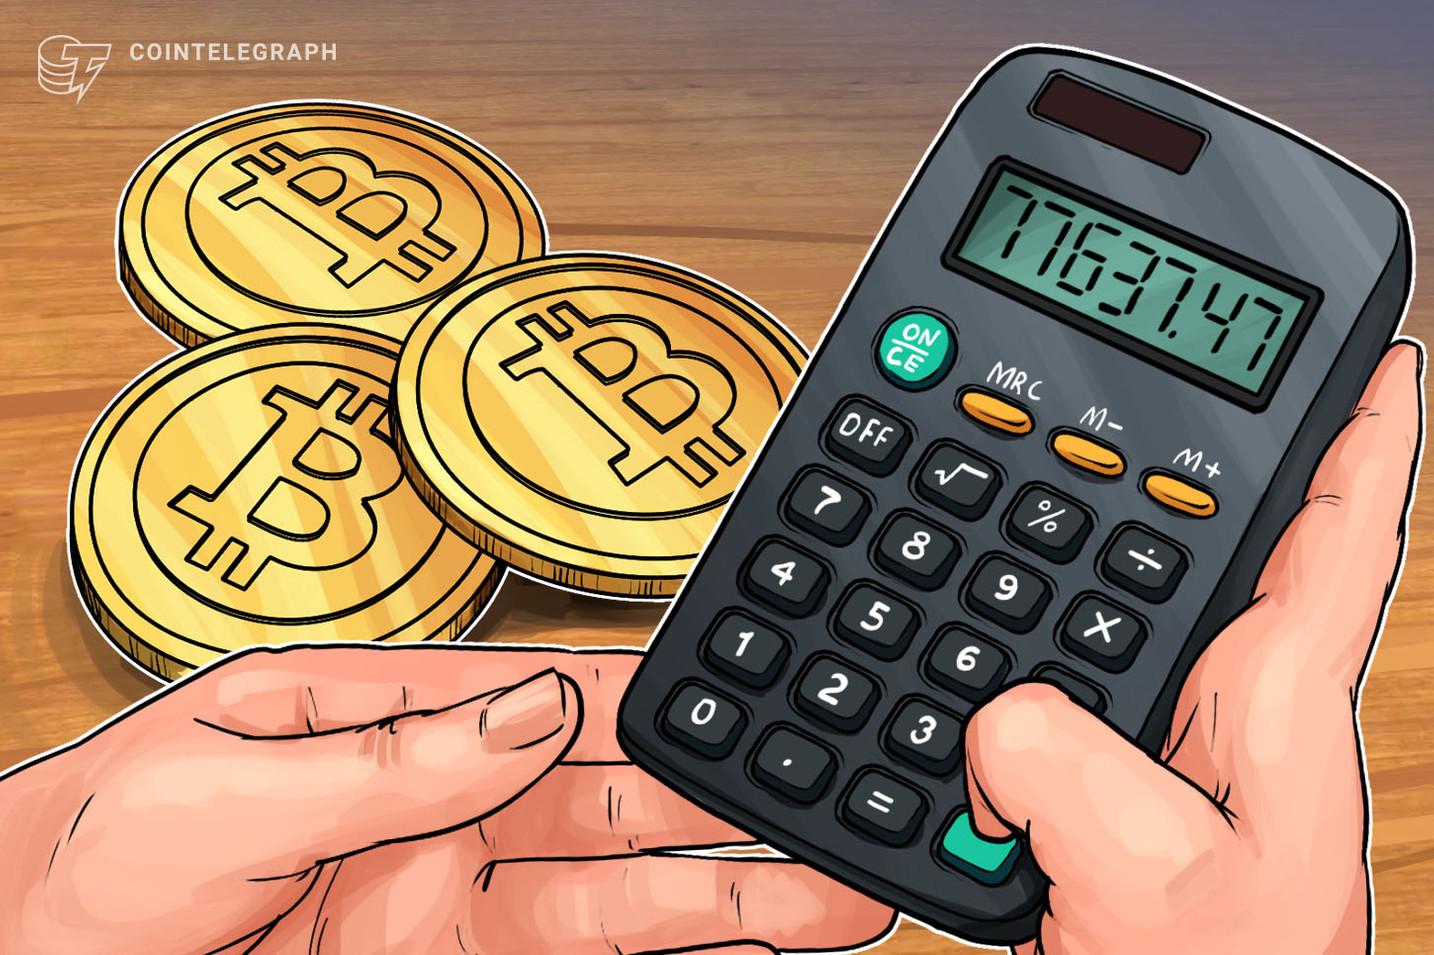 Plataforma de pagamentos Square registra alta receita com Bitcoin, mas baixo lucro com a cripto no 1T de 2019